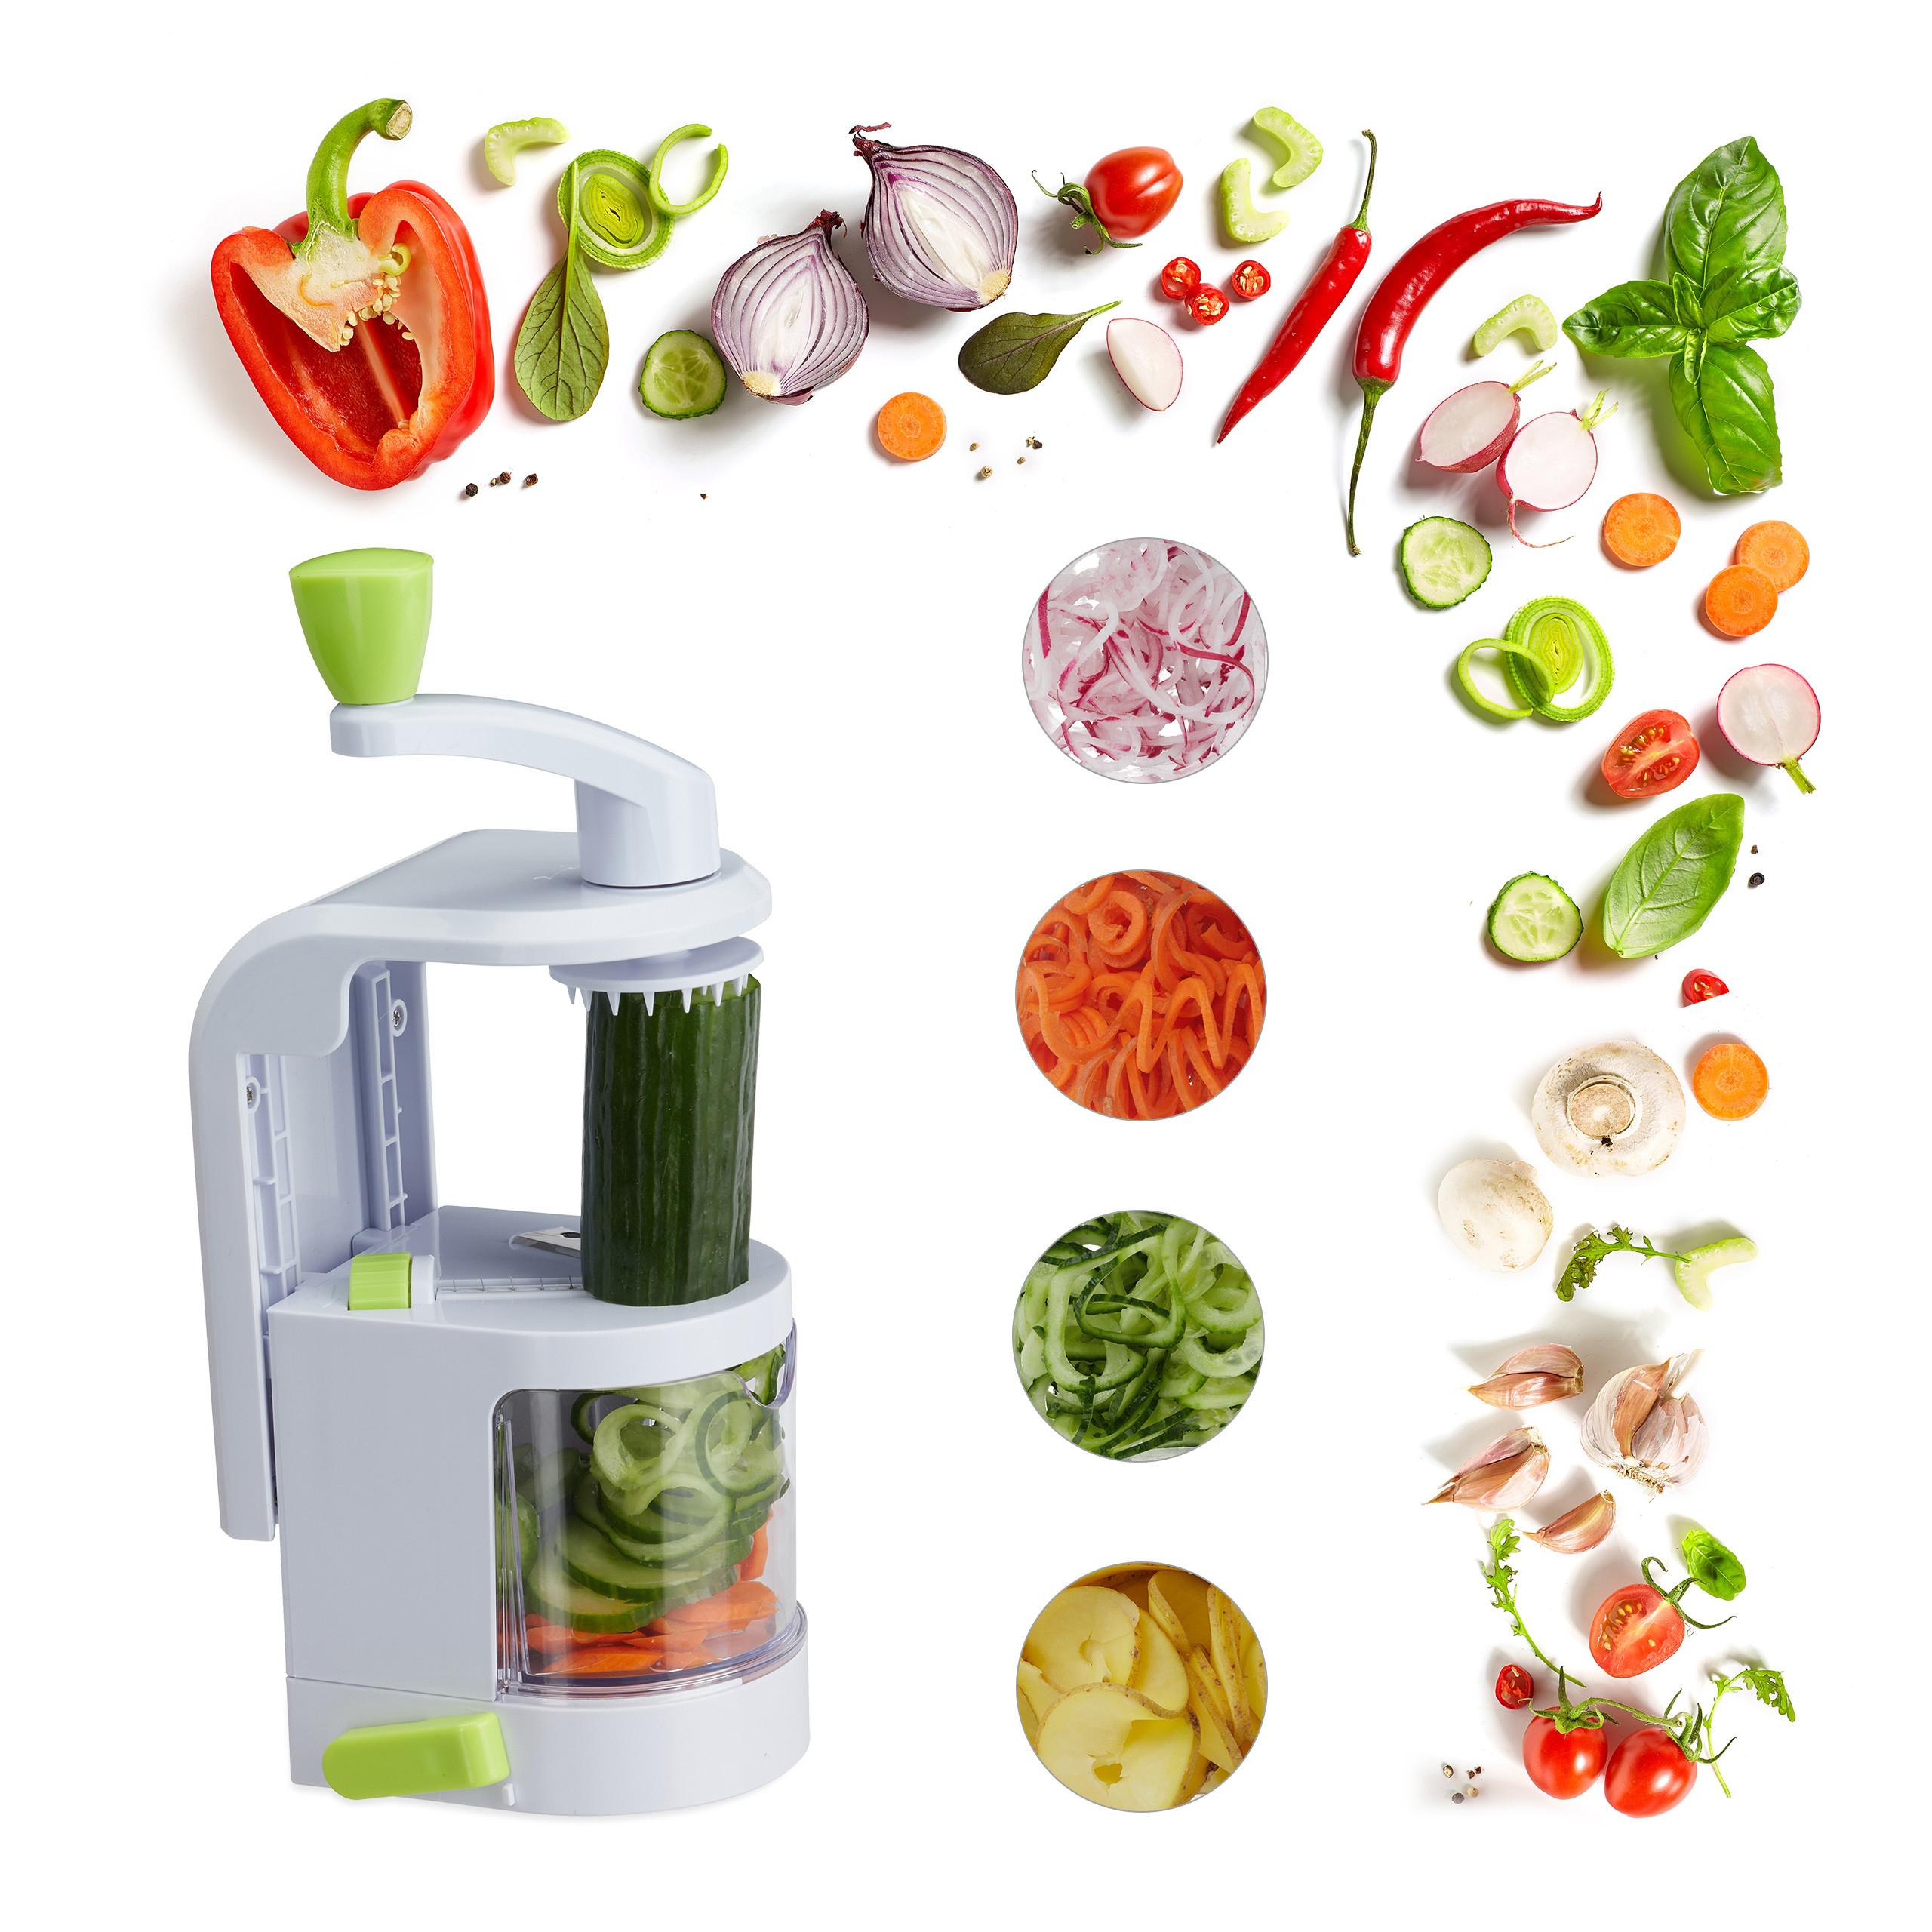 Gemüse Spiralschneider Kartoffelschneider 5 Klingen Julienneschneider Spiralizer